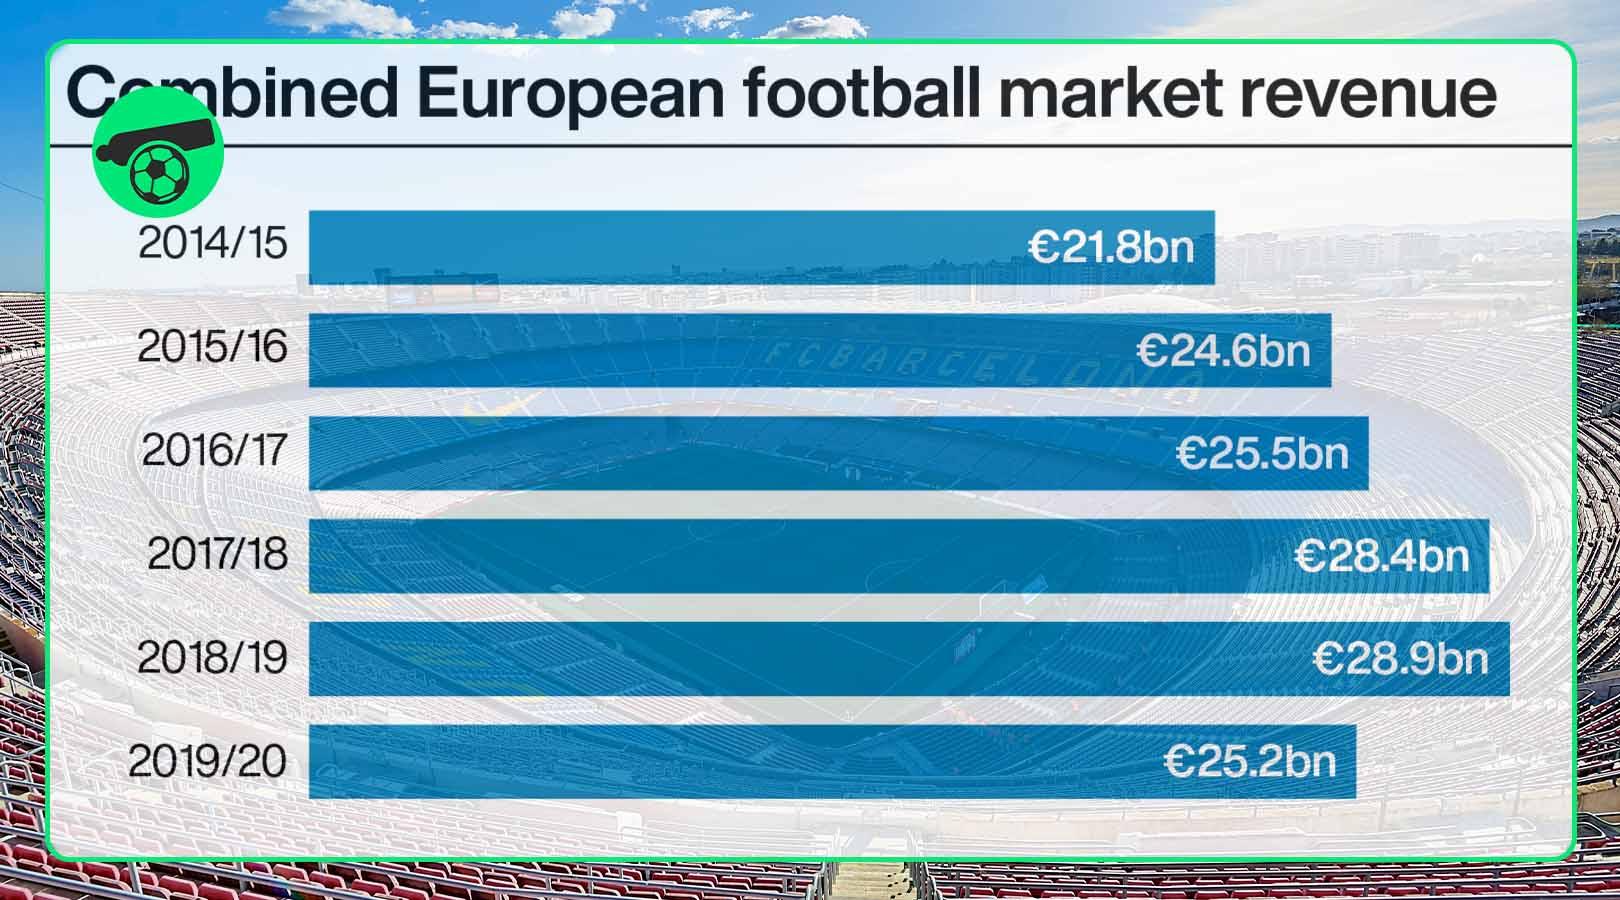 £3.4bn fall in revenue in 2019-20 of European football